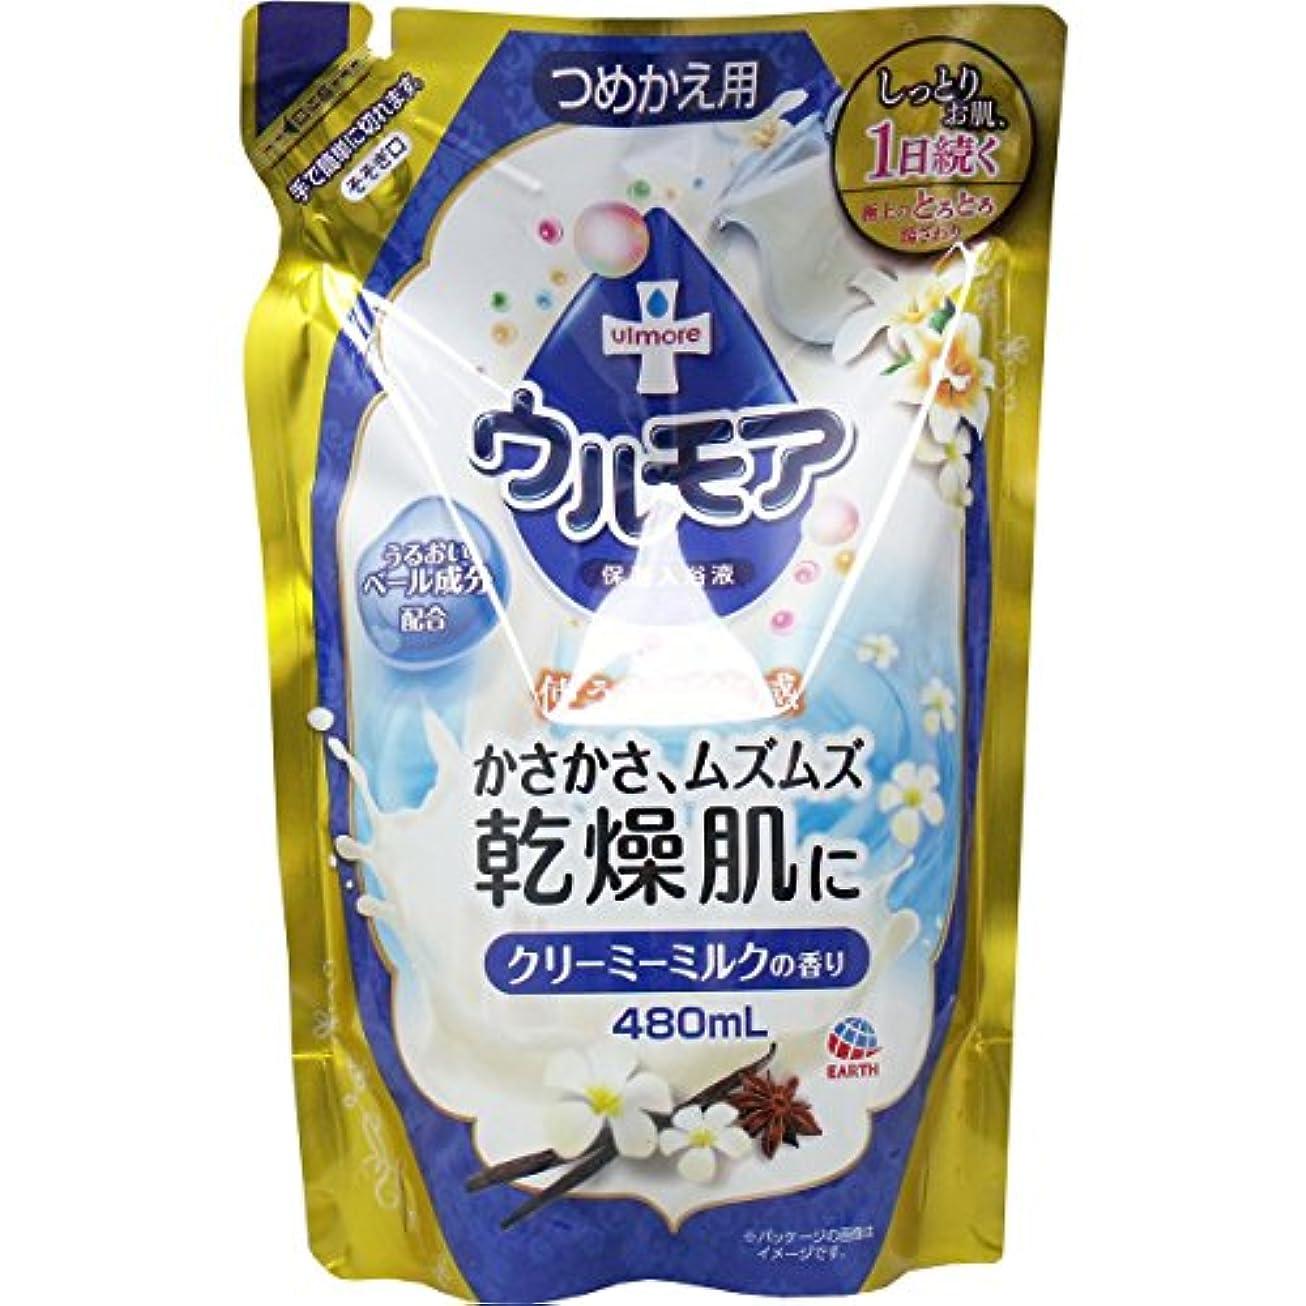 情熱的忘れっぽい真実に保湿入浴液ウルモアクリーミーミルク 替え × 10個セット